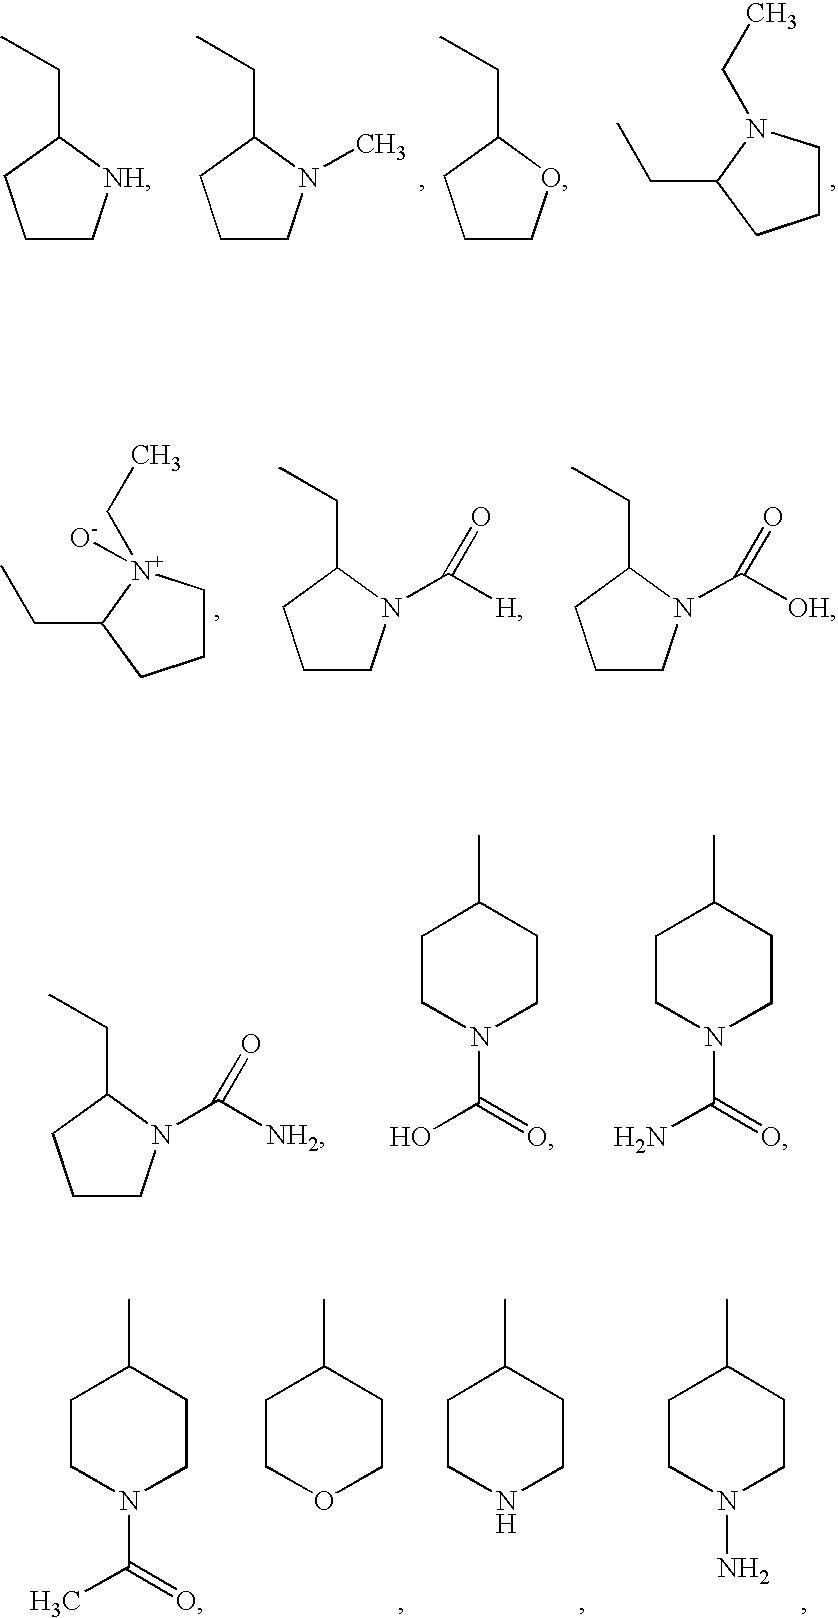 Figure US07112587-20060926-C00094